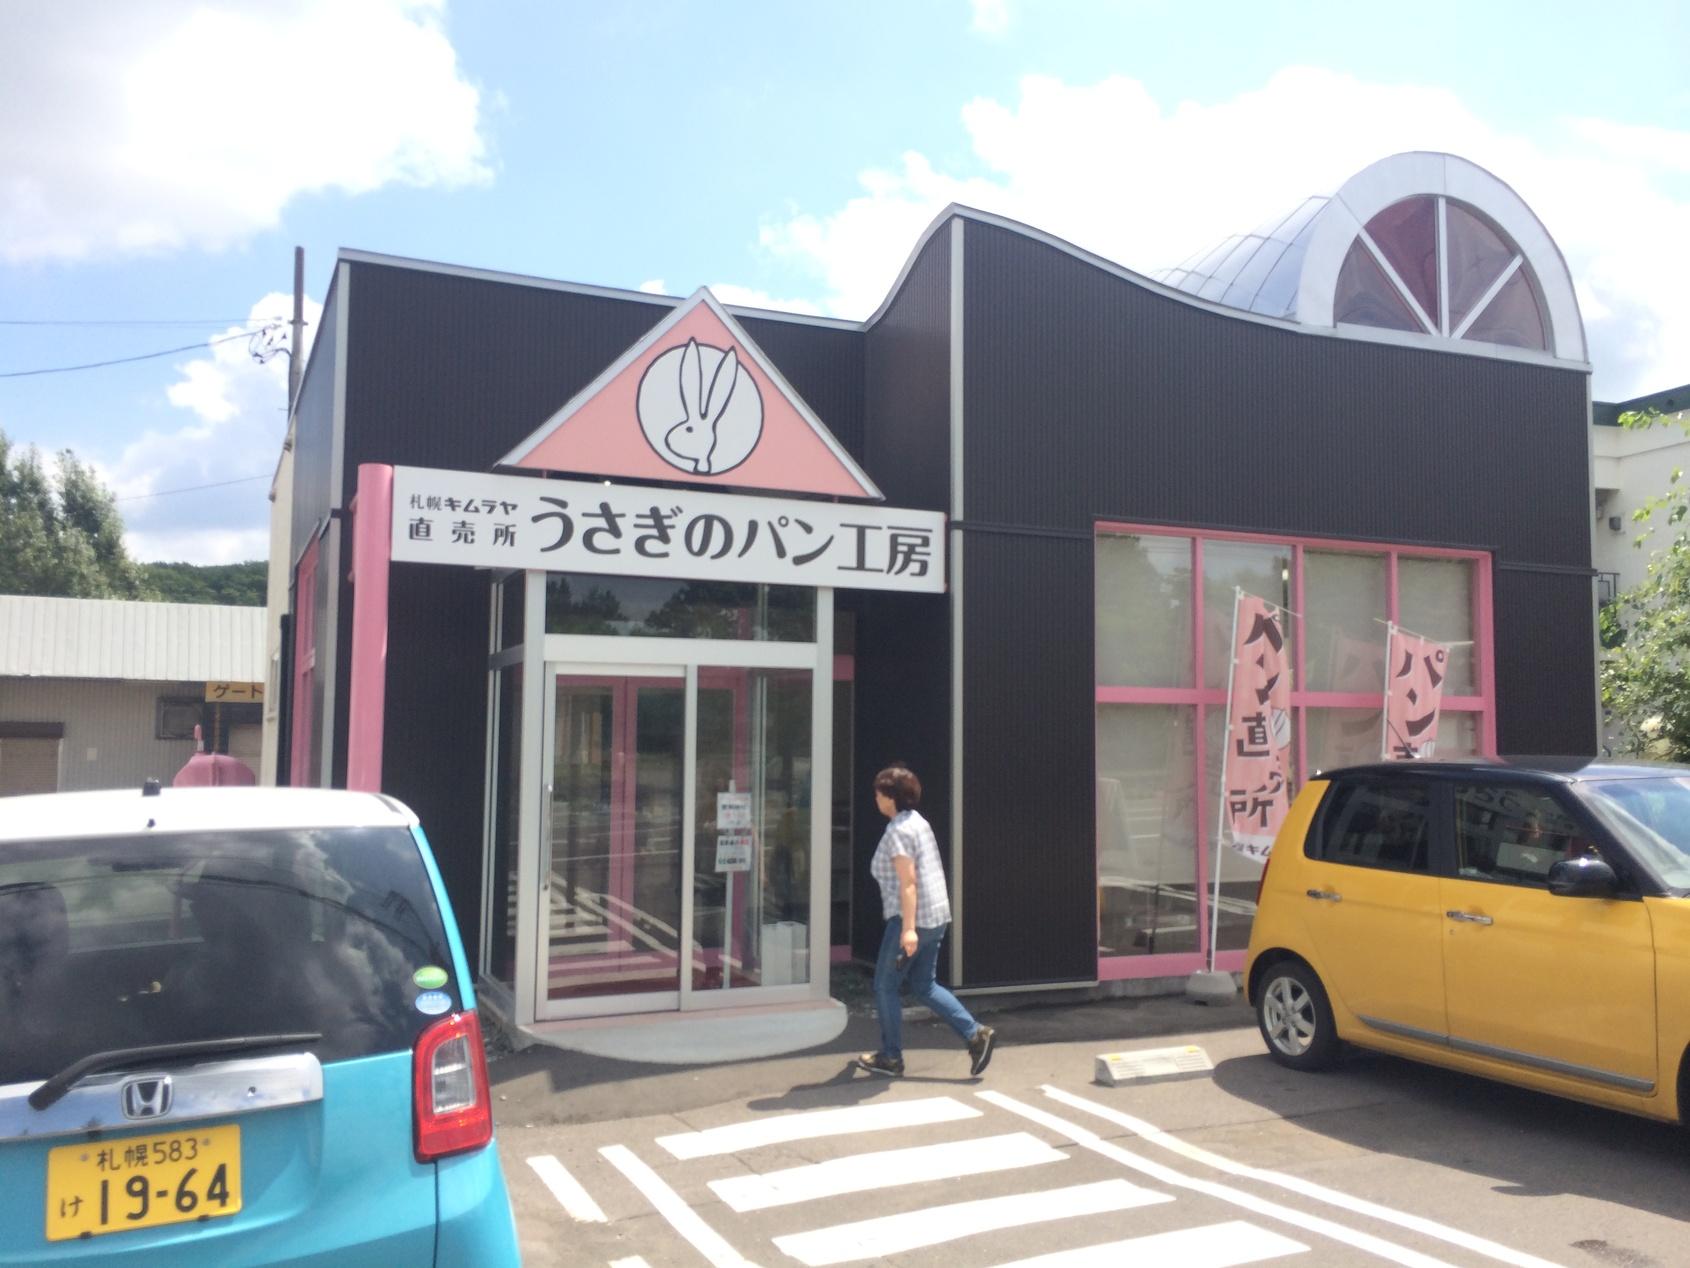 札幌キムラヤ直売所 うさぎのパン工房